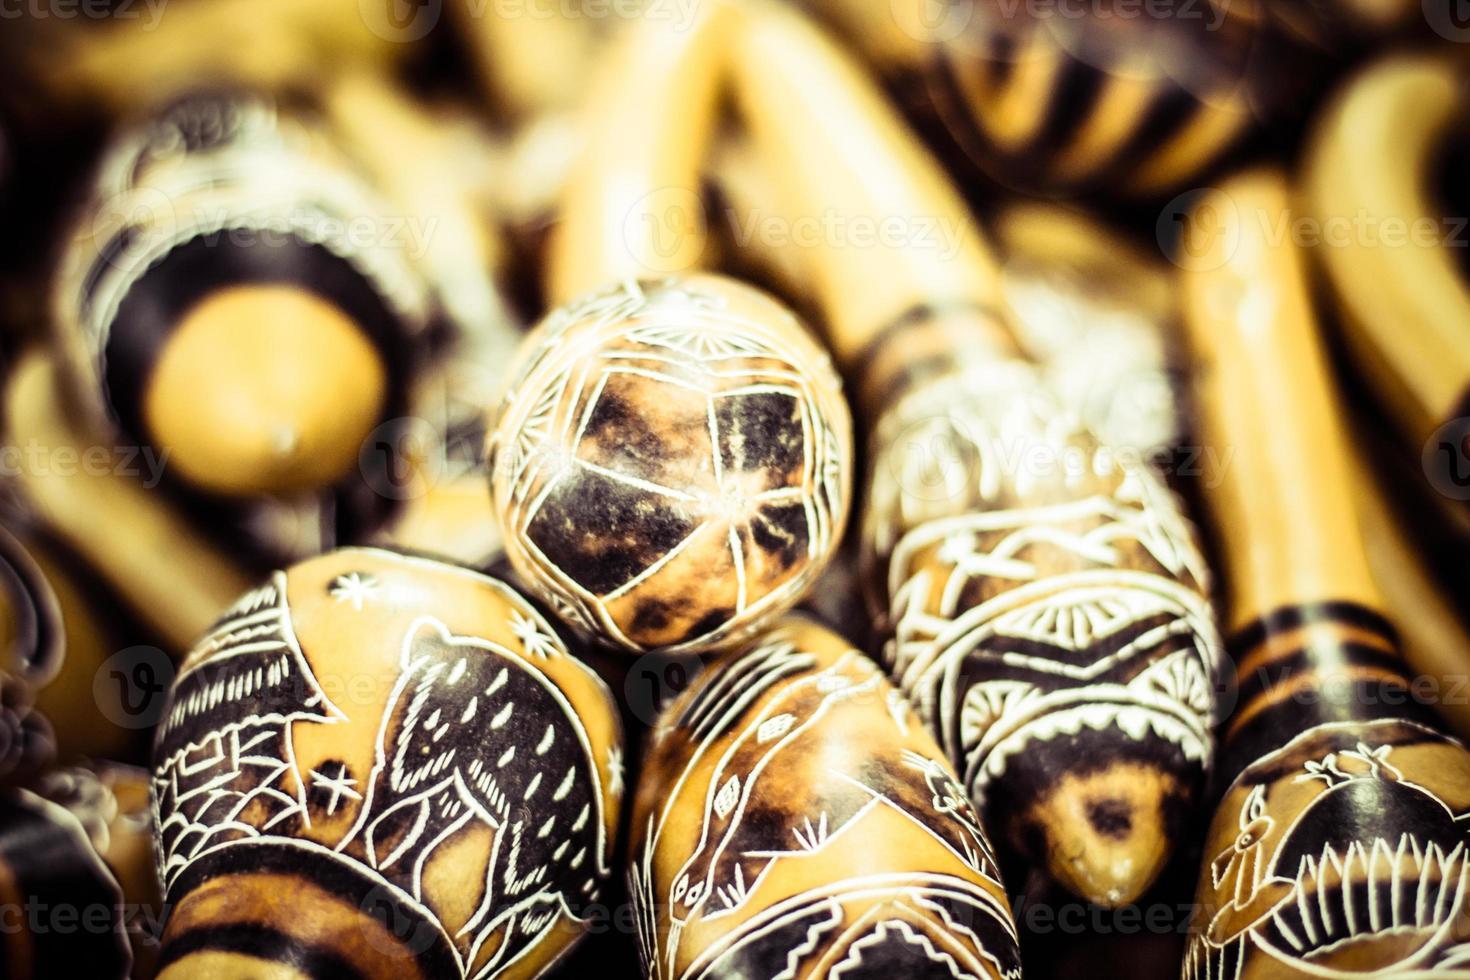 maracas peruviane fatte a mano nel mercato locale foto